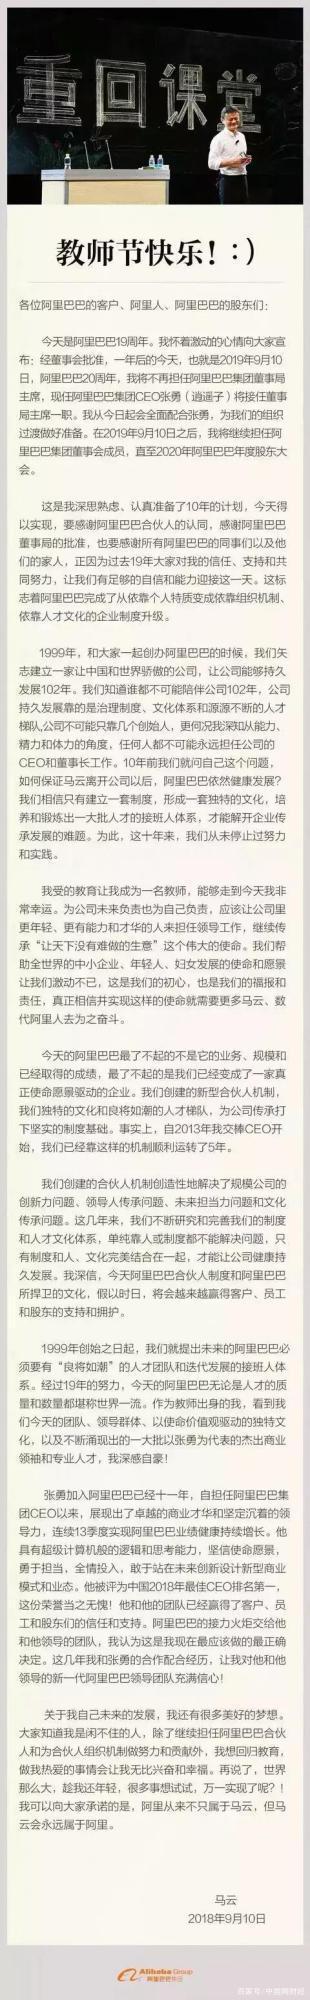 马云今日卸任最新消息 马云为什么选择9月10号卸任谁来接任?